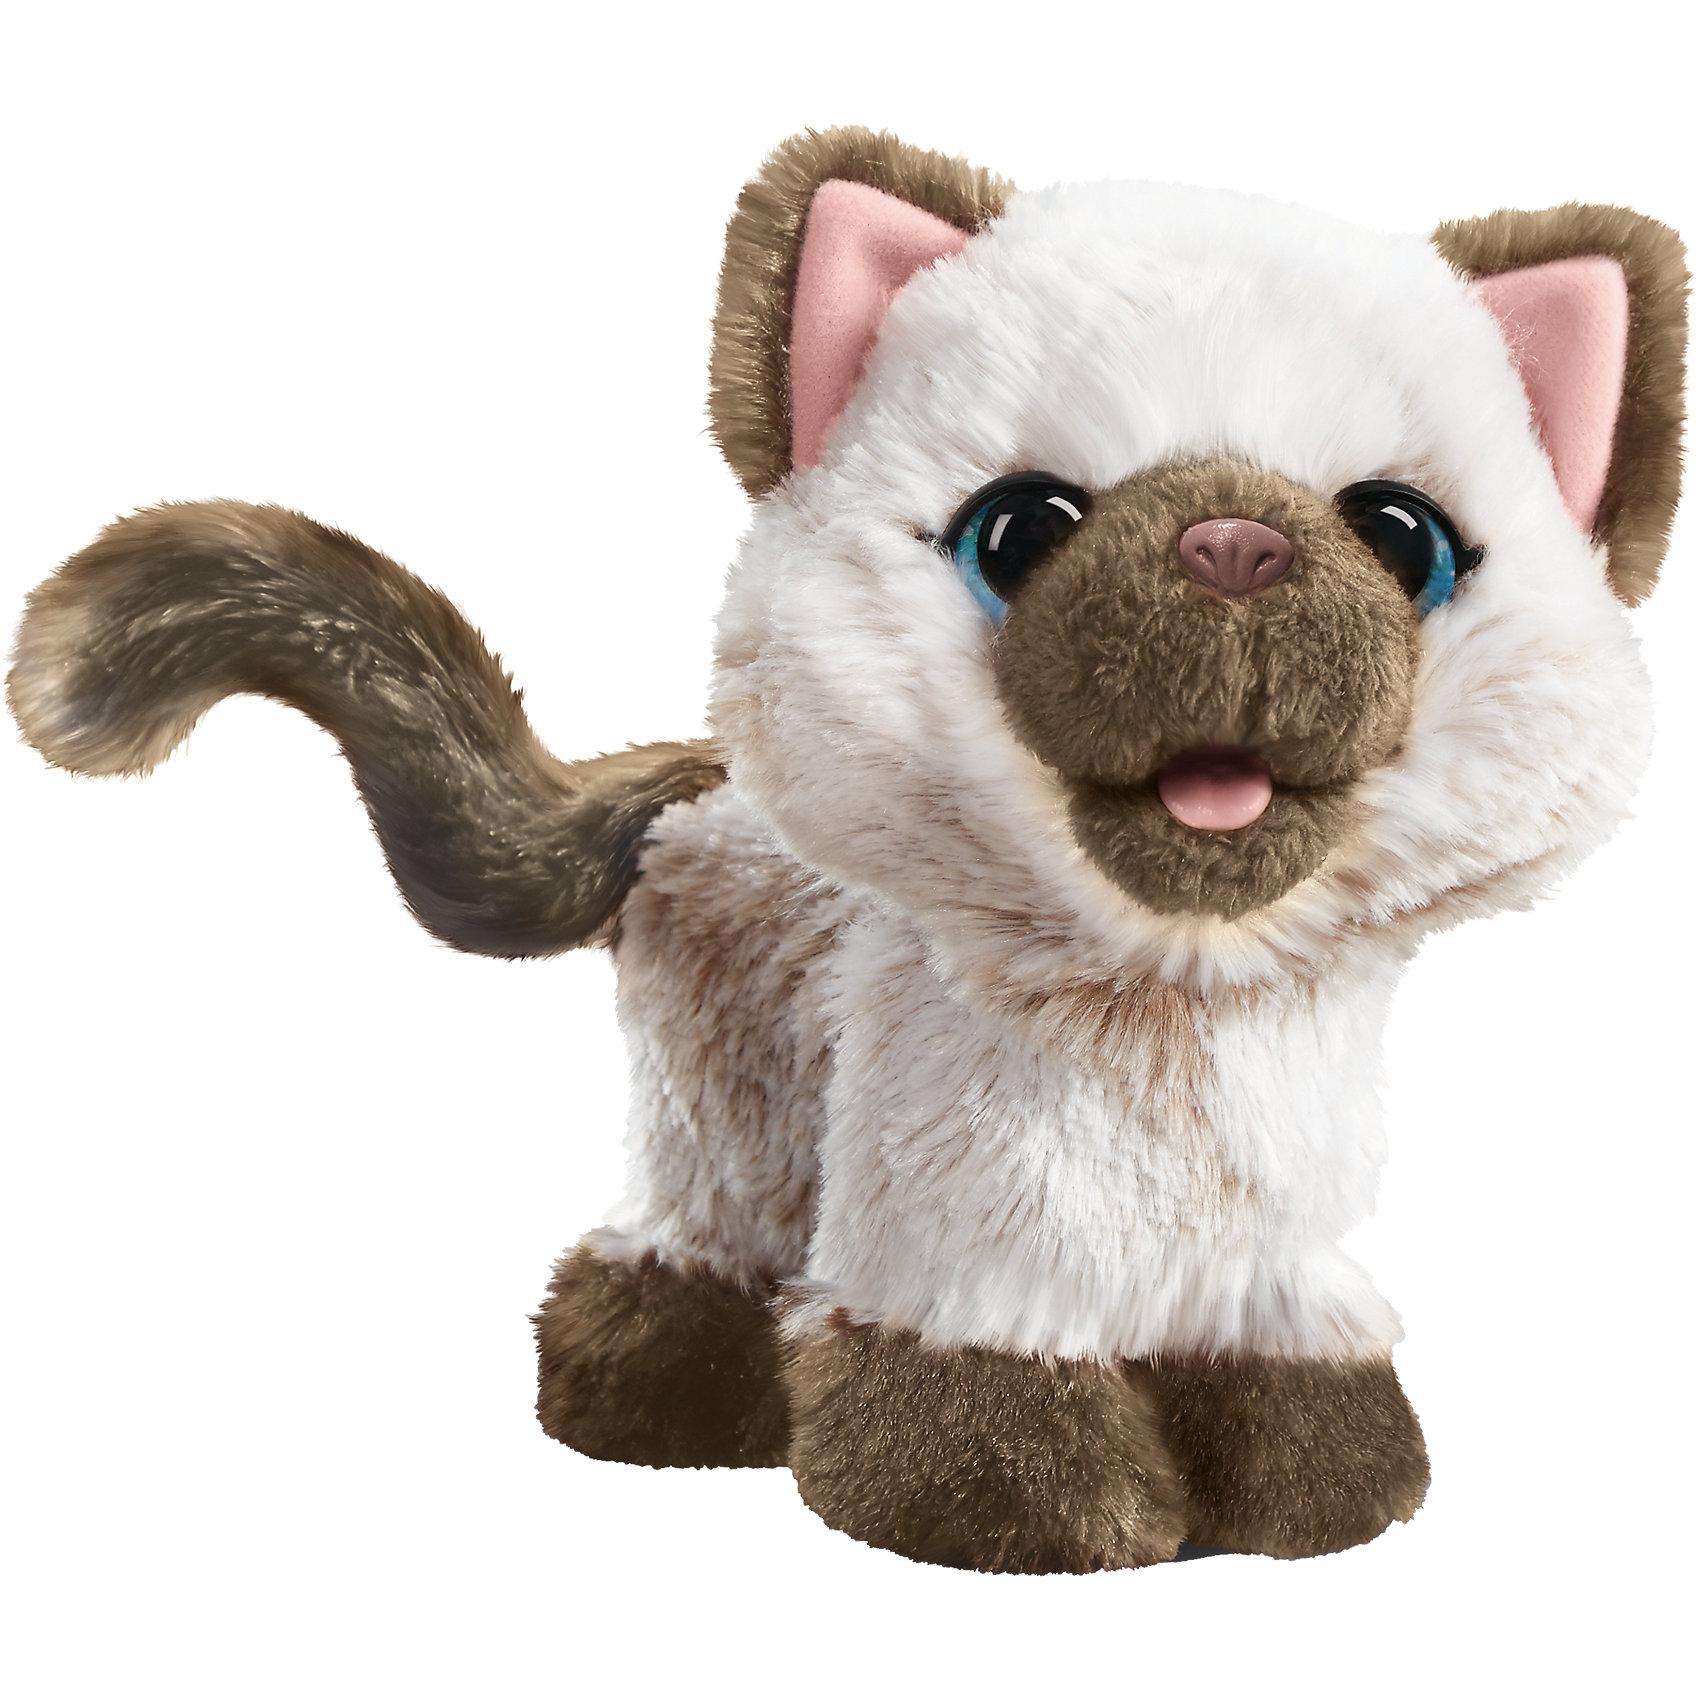 Забавный котенок, друг Пакса, FurReal FriendsКошки и собаки<br>Характеристики:<br><br>• Вид игр: сюжетно-ролевые, коллекционирование<br>• Пол: для девочек<br>• Коллекция: FurReal Friends<br>• Материал: текстиль, пластик<br>• Комплектация: котенок, бутылочка для кормления, инструкция<br>• Батарейки: 2 шт. типа AА (предусмотрены в комплекте)<br>• Высота игрушки: 17 см<br>• Поворачивает голову<br>• Передние лапки поднимает<br>• Умеет издавать звуки<br>• Вес в упаковке: 320 г<br>• Размеры упаковки (Д*Ш*В): 21,6*10,8*22,9 см<br>• Упаковка: картонная коробка <br><br>Забавный котенок, друг Пакса, FurReal Friends – это коллекция милых пушистых животных от Хасбро, которые могут стать настоящими друзьями для вашего ребенка. Котенок выполнен из гипоаллергенного плюша с ворсом средней длины, у него большие зеленые глазки, розовый носик и язычок. У игрушки предусмотрен расширенный функционал: котенок умеет издавать звуки, поворачивает головой, если котенку нажать на животик, он начинает поднимать передние лапки. В комплекте с котенком предусмотрена бутылочка для кормления, которая сделана в форме рыбки. Сюжетно-ролевые игры с интерактивными питомцами научат вашего ребенка быть заботливым, ответственным и внимательным. Забавный котенок, друг Пакса, FurReal Friends станет идеальным подарком для ребенка, который мечтает о домашнем питомце. <br><br>Забавного котенка, друга Пакса, FurReal Friends можно купить в нашем интернет-магазине.<br><br>Ширина мм: 324<br>Глубина мм: 250<br>Высота мм: 149<br>Вес г: 476<br>Возраст от месяцев: 48<br>Возраст до месяцев: 72<br>Пол: Женский<br>Возраст: Детский<br>SKU: 5129133